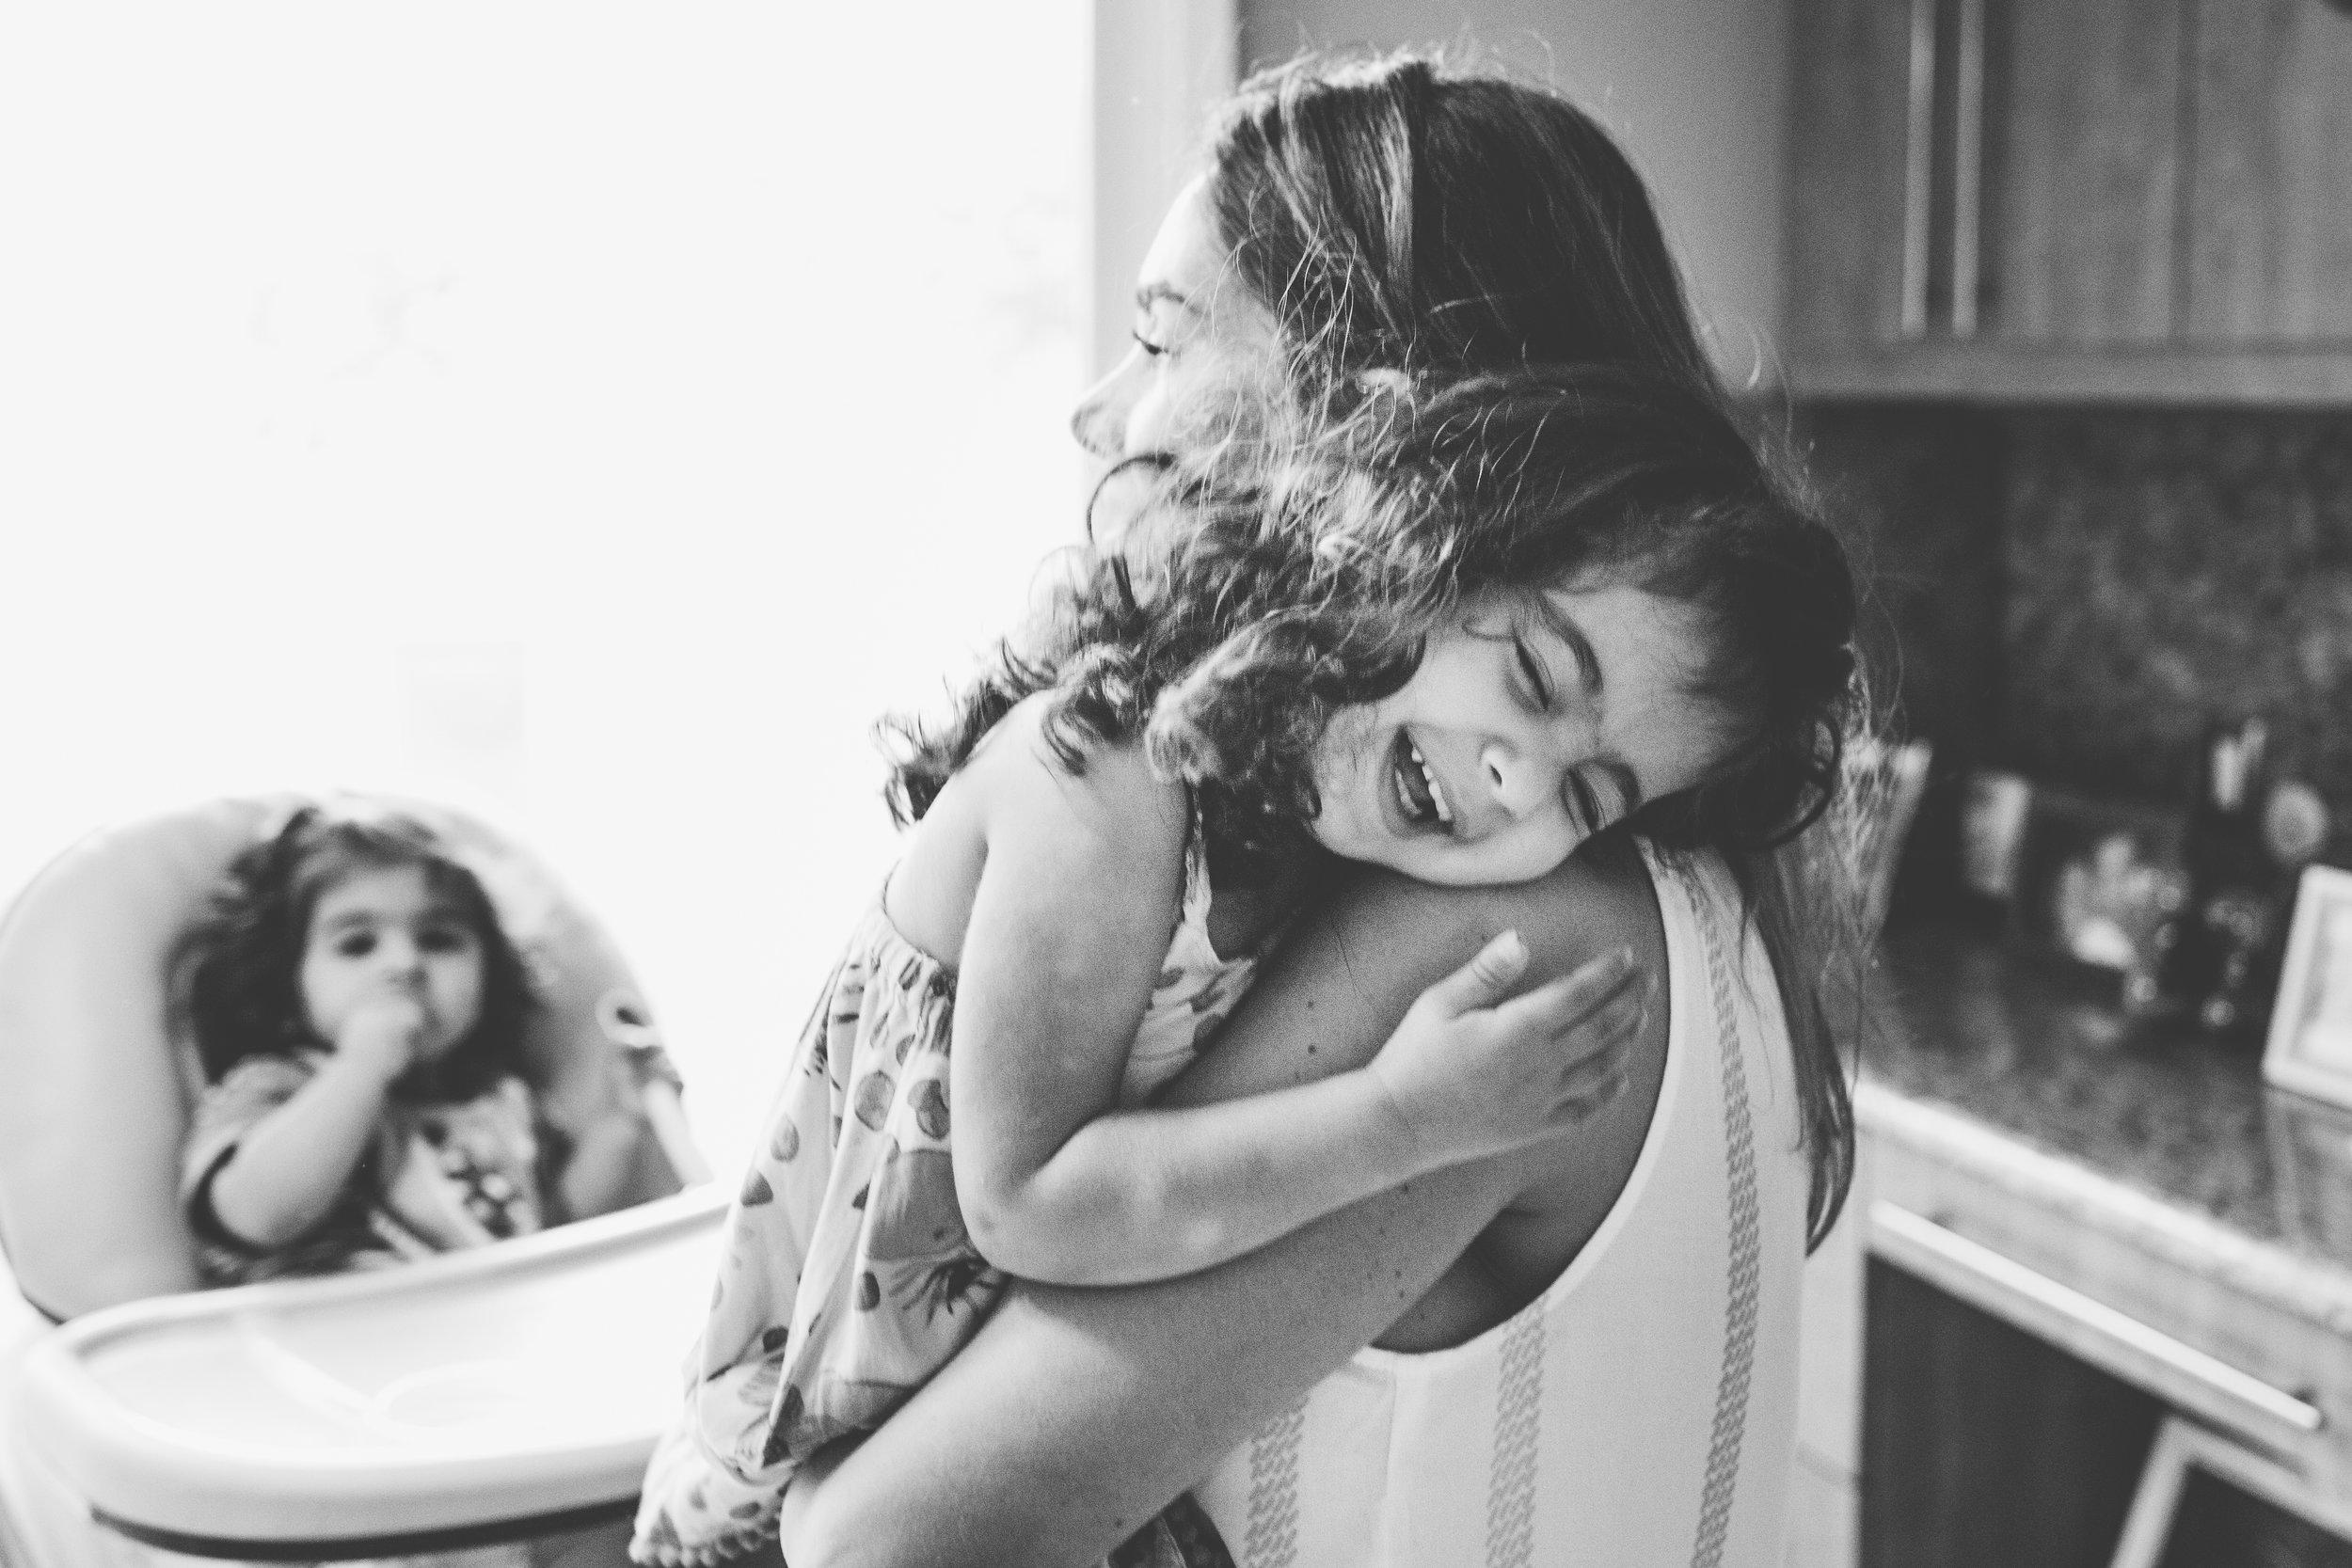 Daughter smiling over moms shoulder.